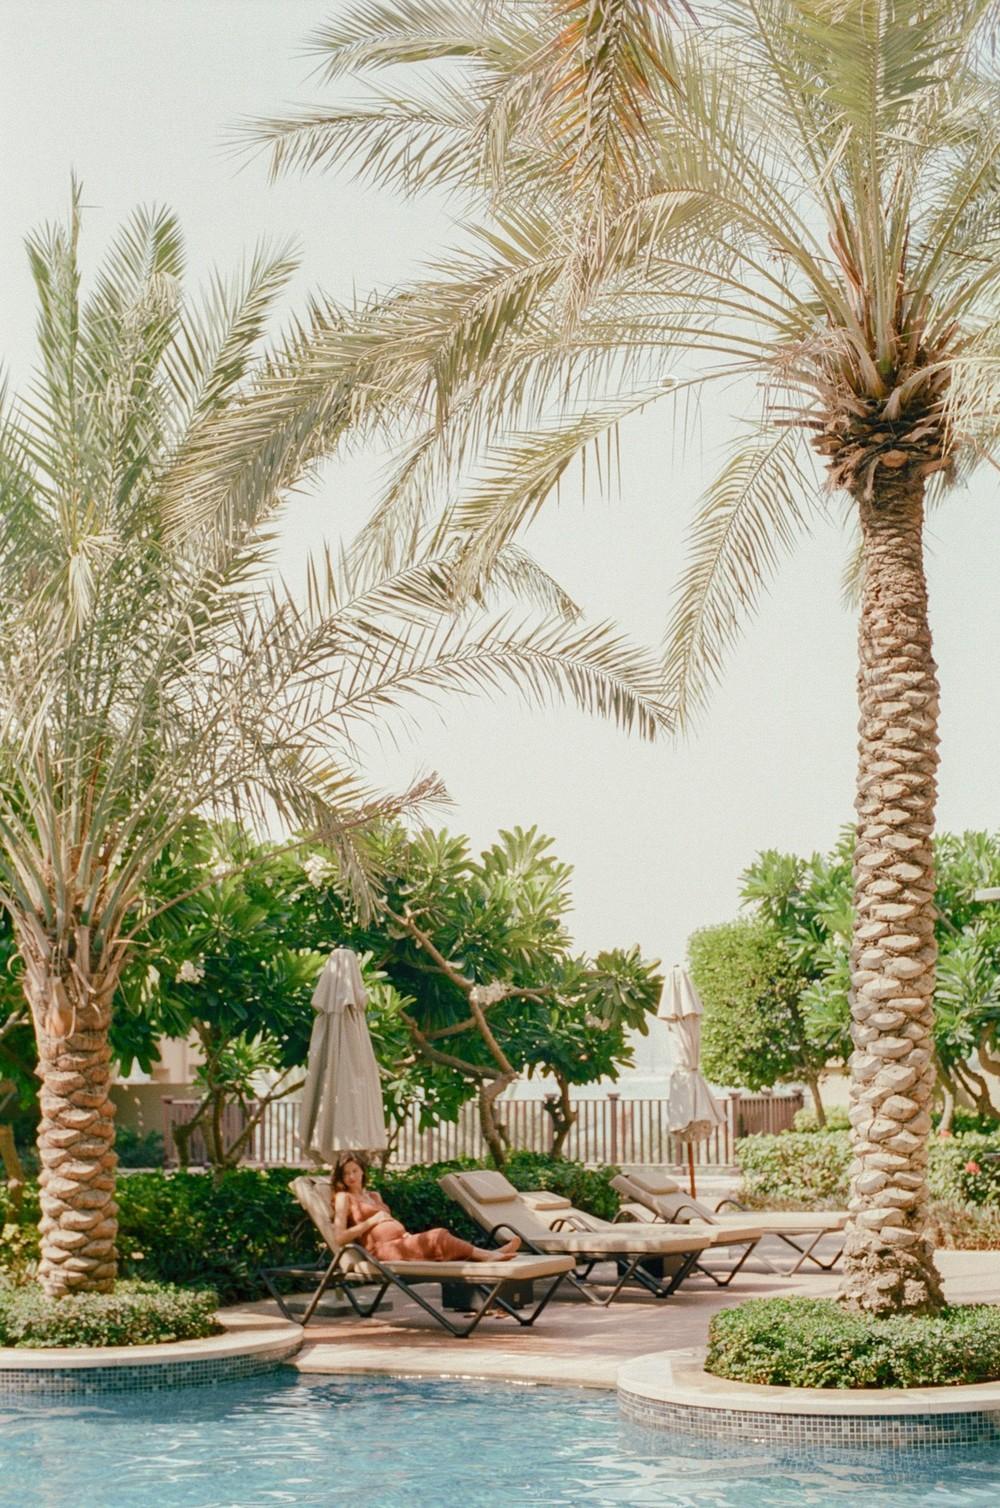 Lera. Dubai 2019